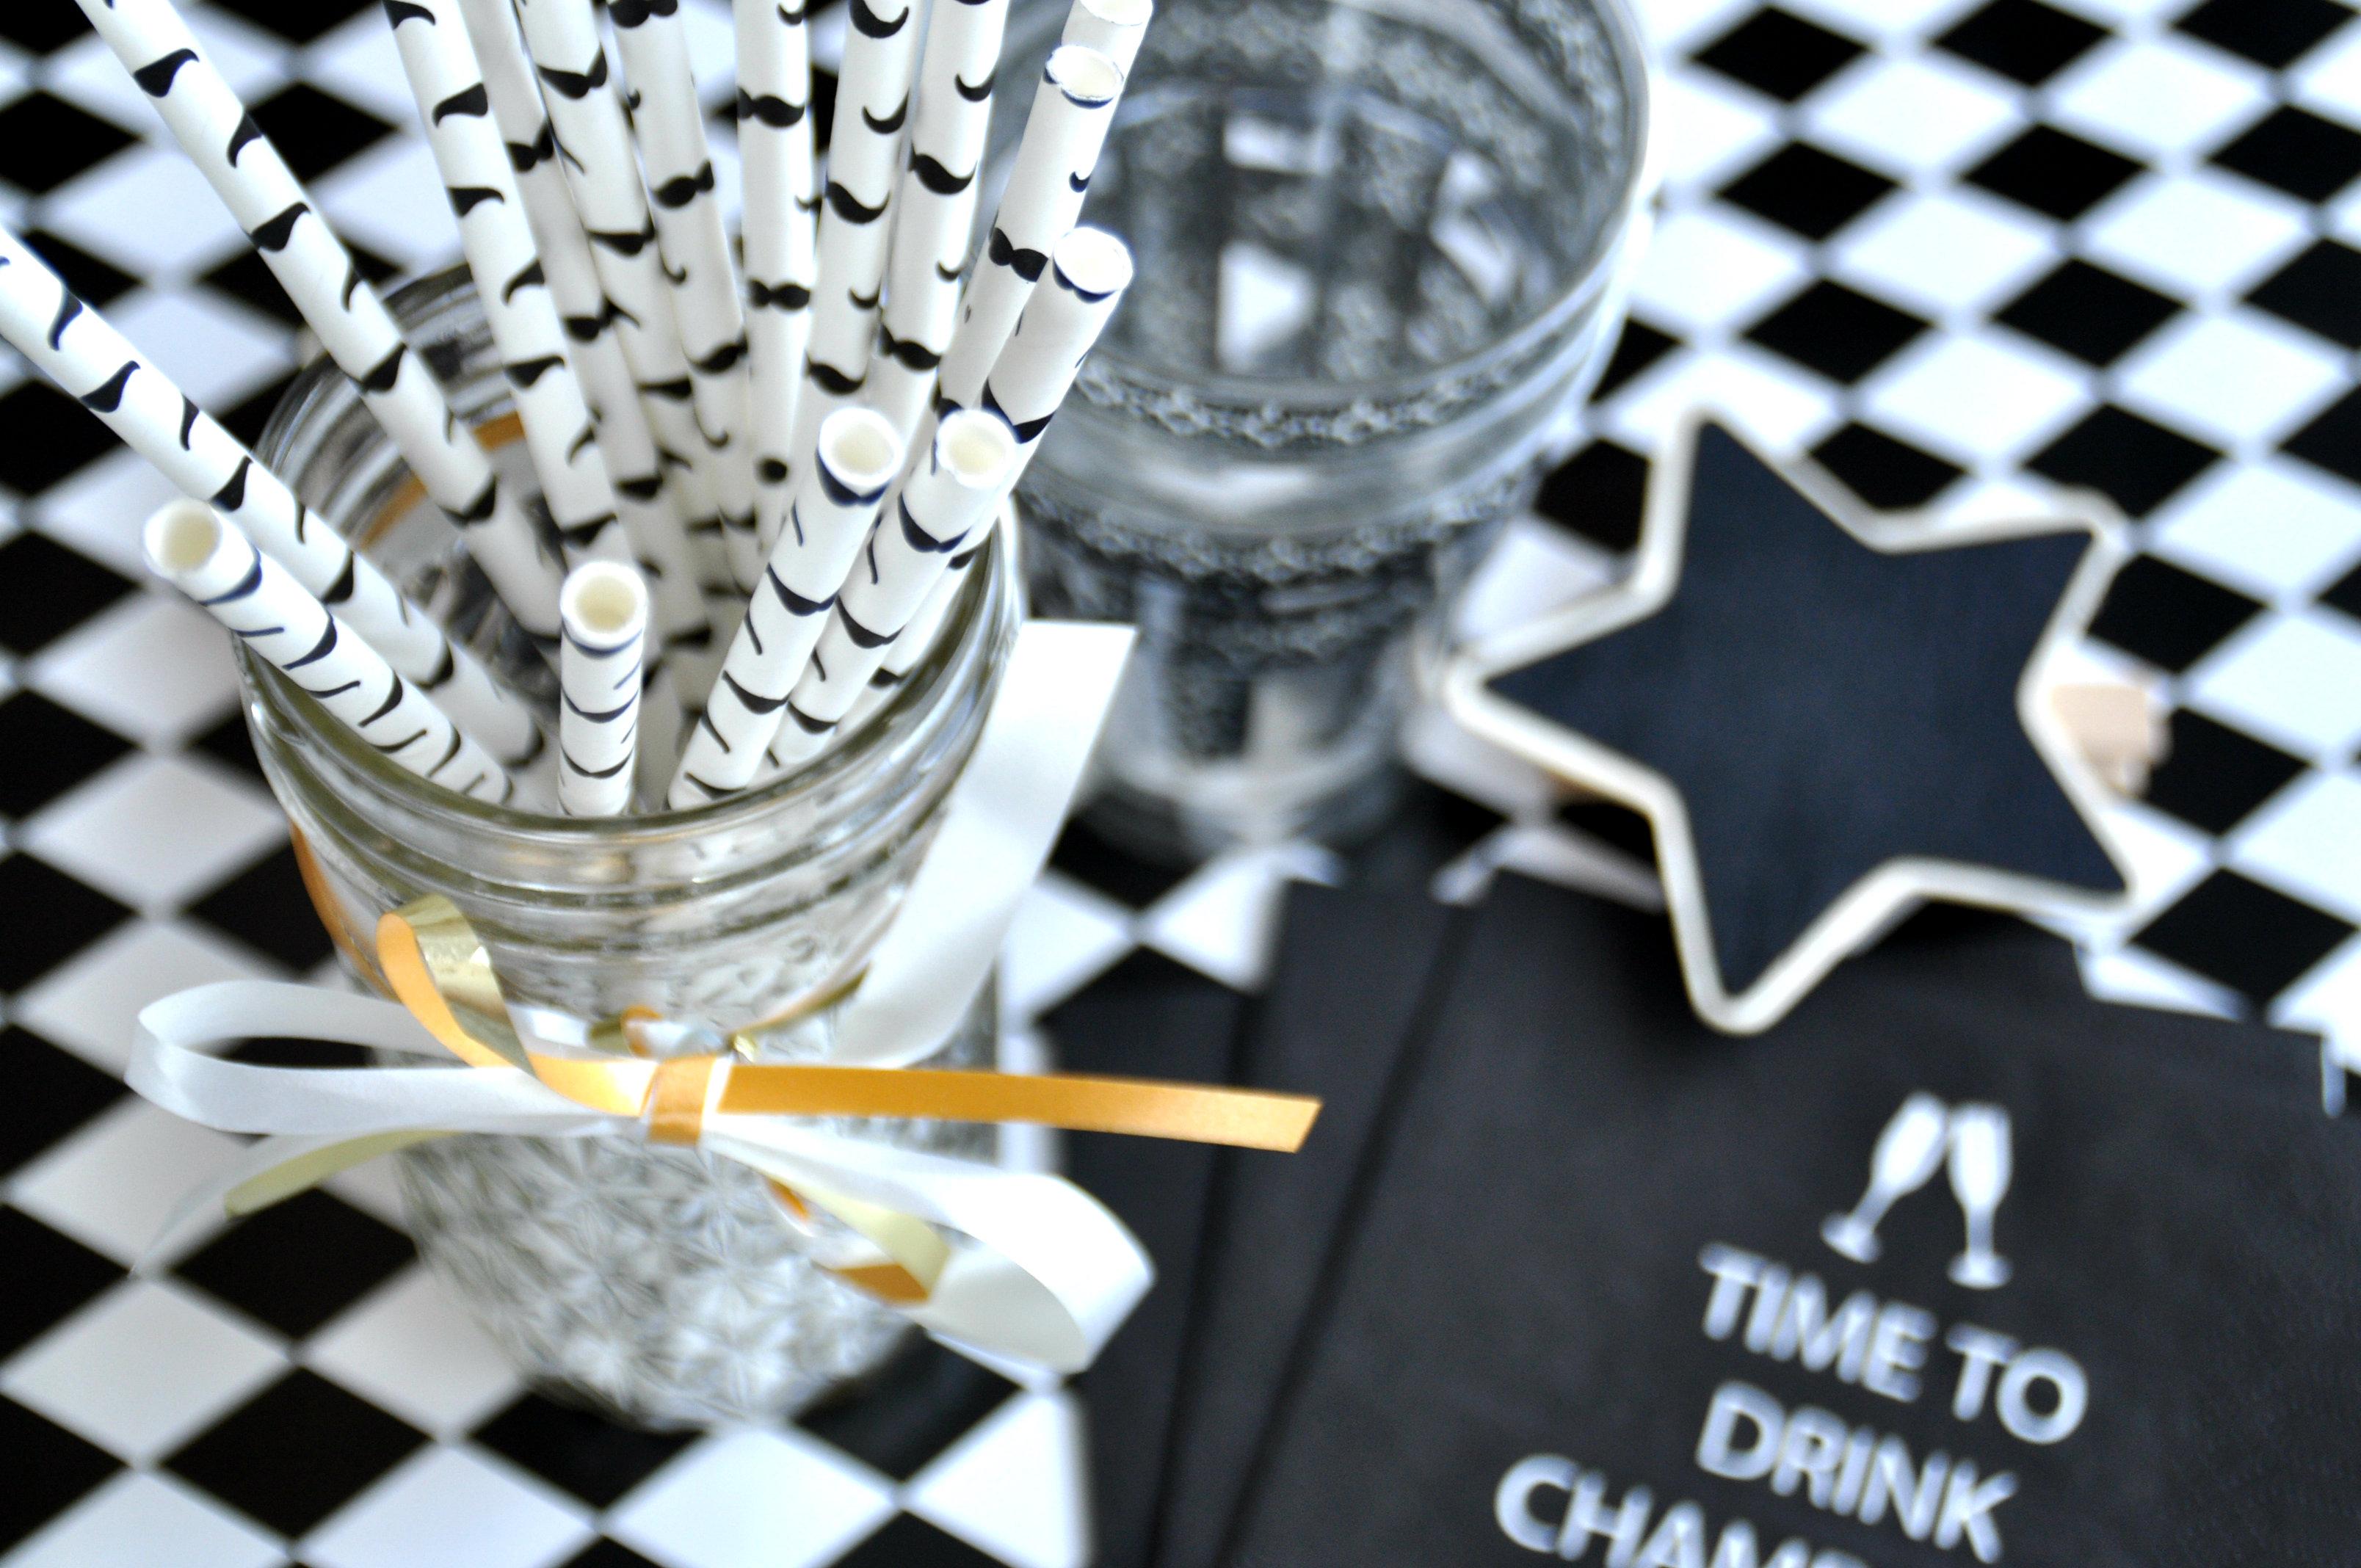 Feestje in zwart & wit: ideeën & decoratie inspiratie!